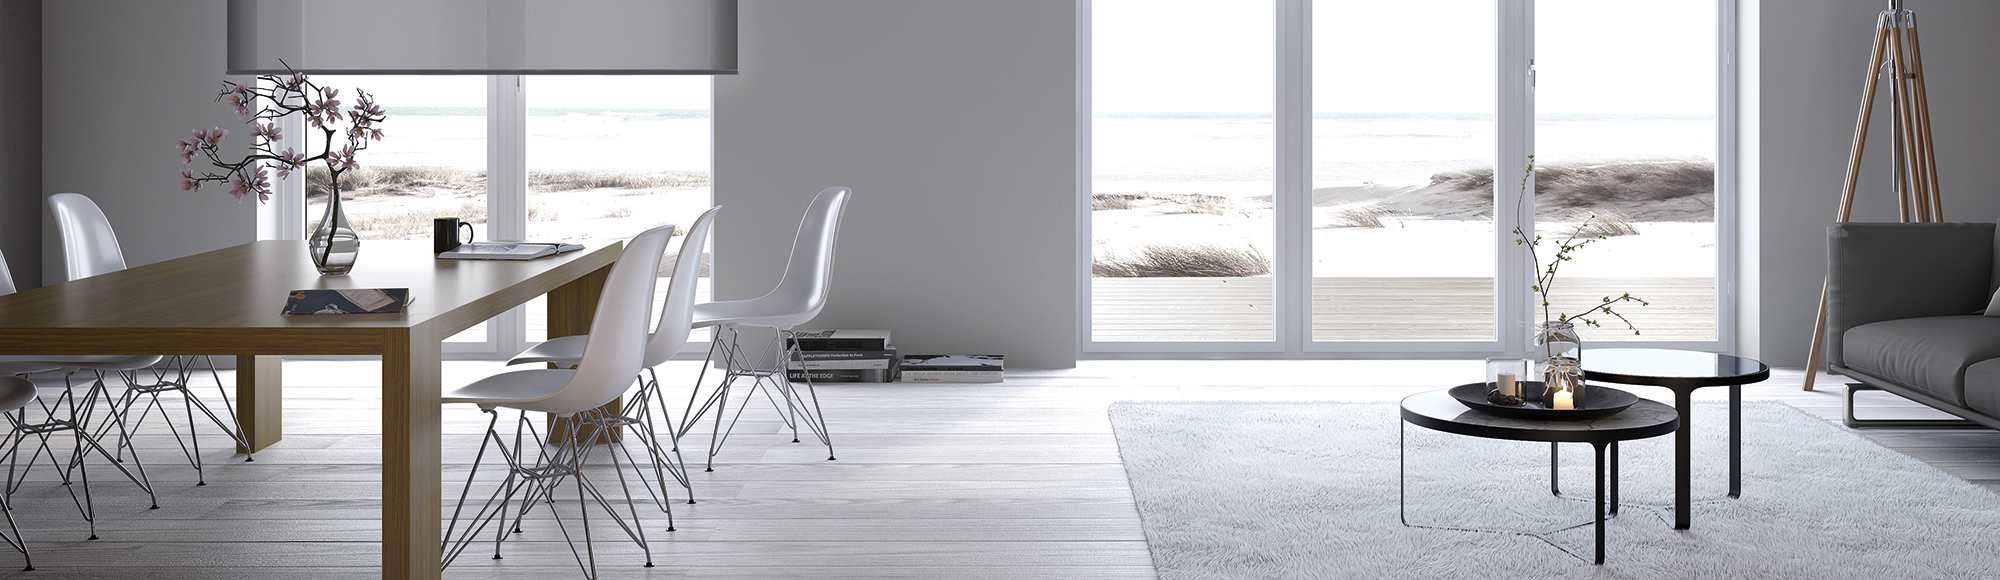 kontakt ihr raumausstatter mit wohnideen in rellingen bei hamburg. Black Bedroom Furniture Sets. Home Design Ideas